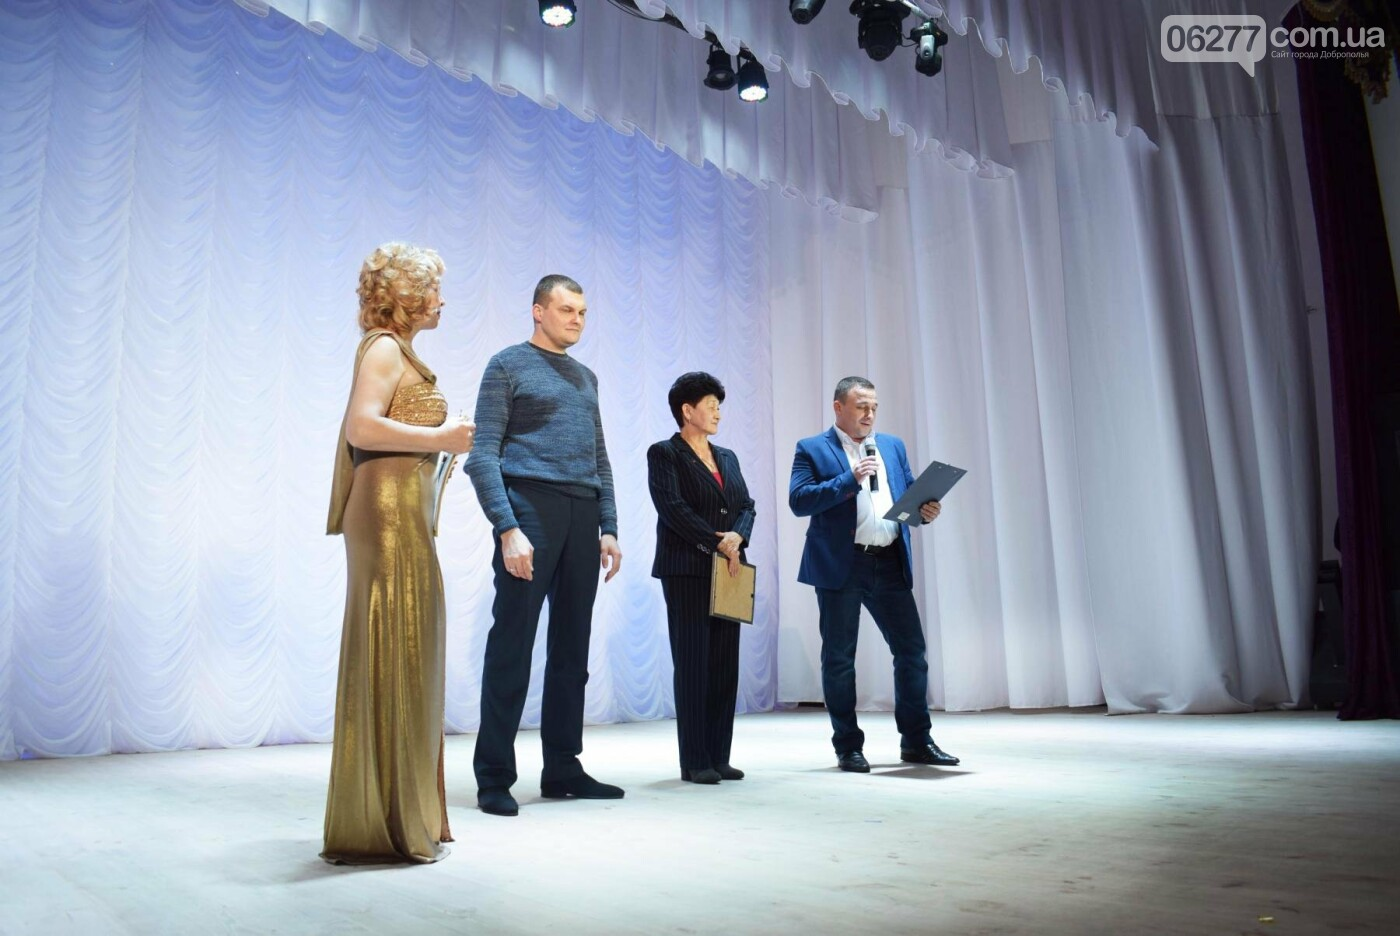 В Центре культуры и досуга Белозёрского прошла презентация зрительного зала, фото-9